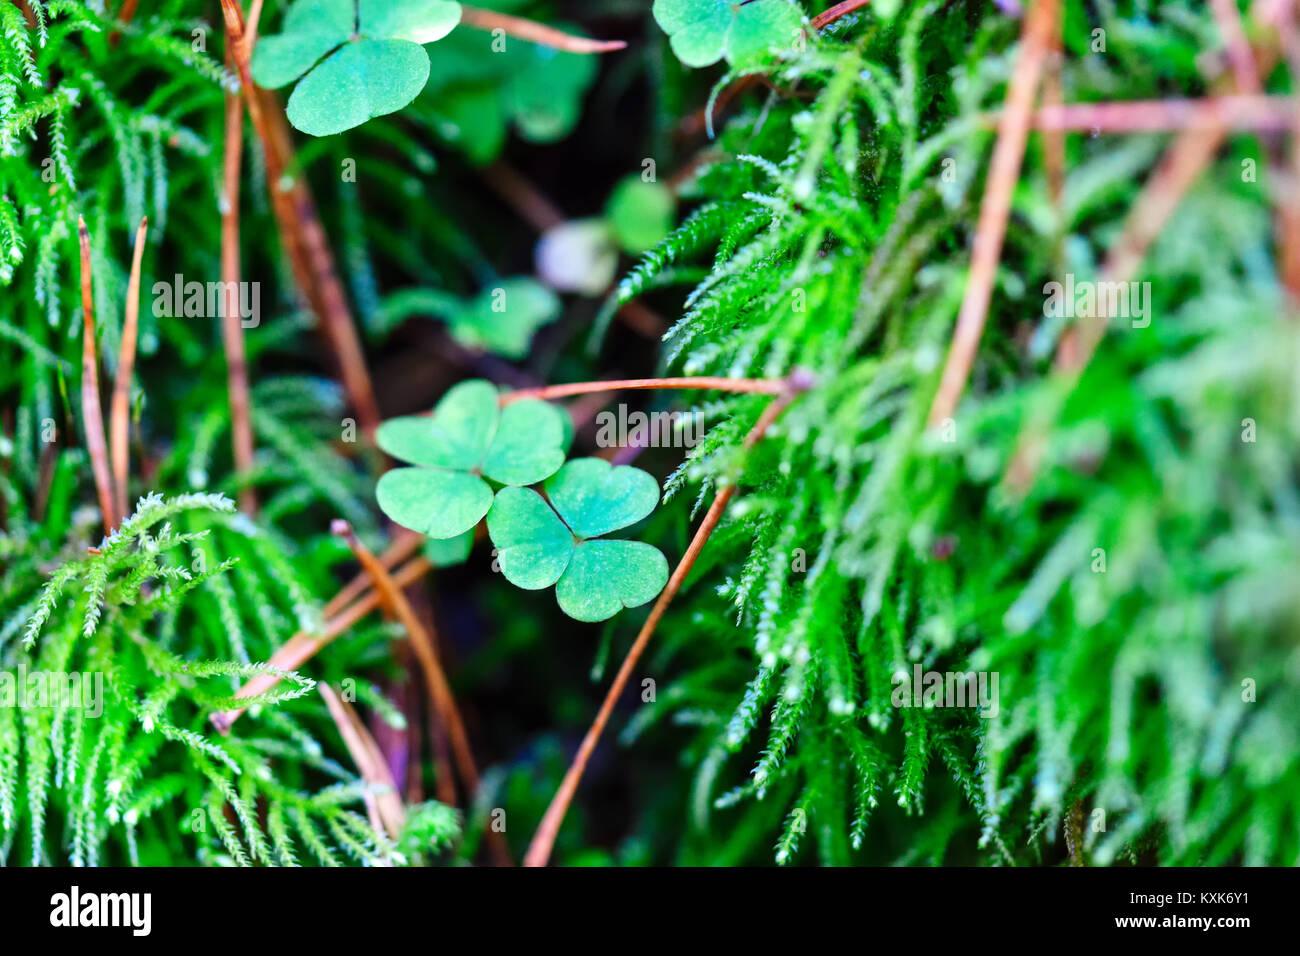 Grünen Klee Blätter im Moos, Saint Patrick's Day Hintergrund Stockbild